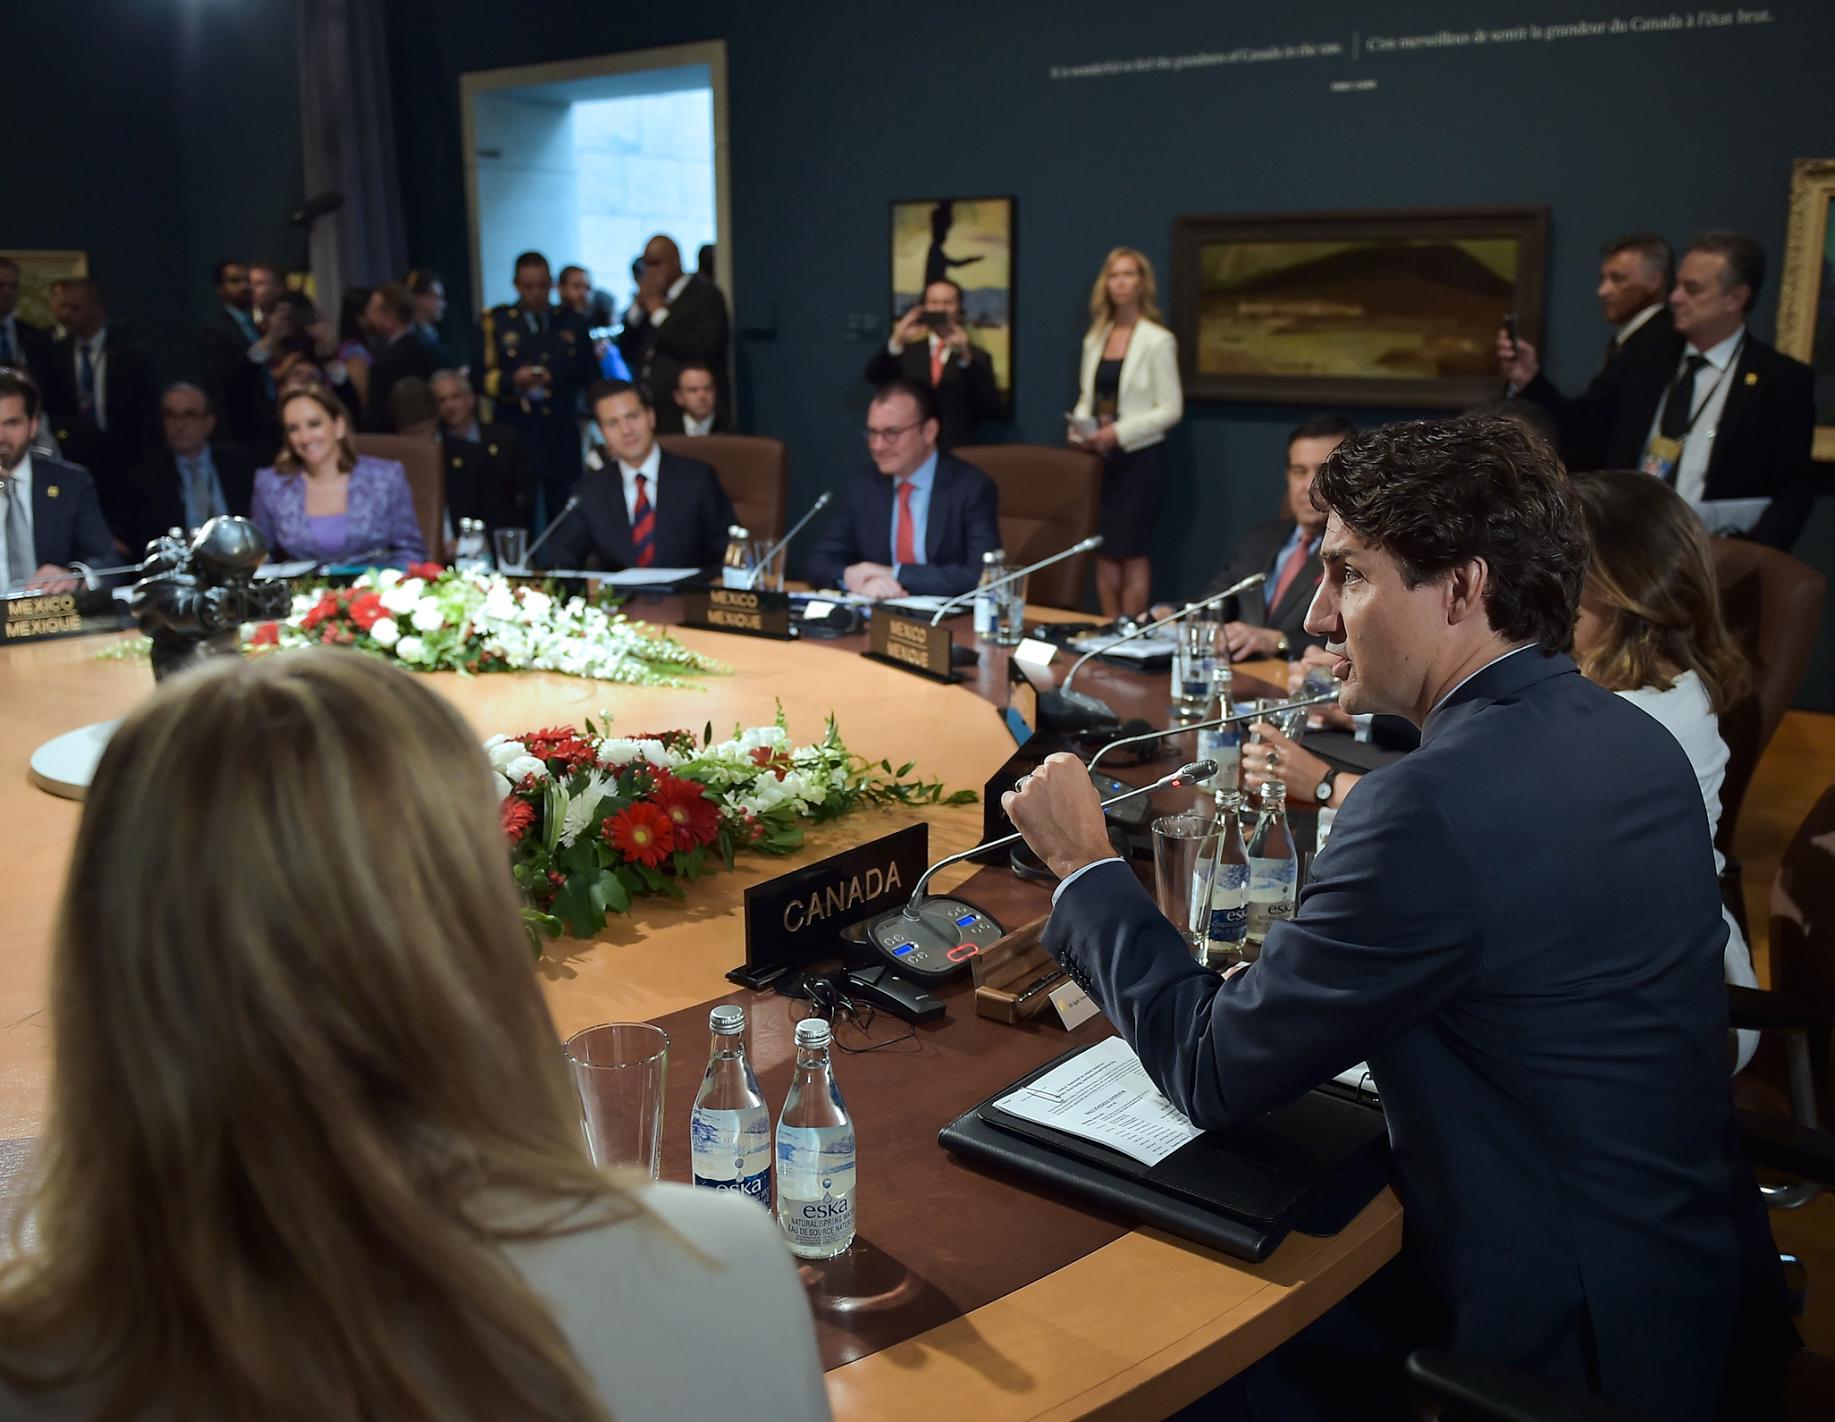 Afirmaron su compromiso de adoptar una enmienda ambiciosa y completa del Protocolo de Montreal sobre la disminución gradual de hidrofluorocarbonos (HFC) en 2016.